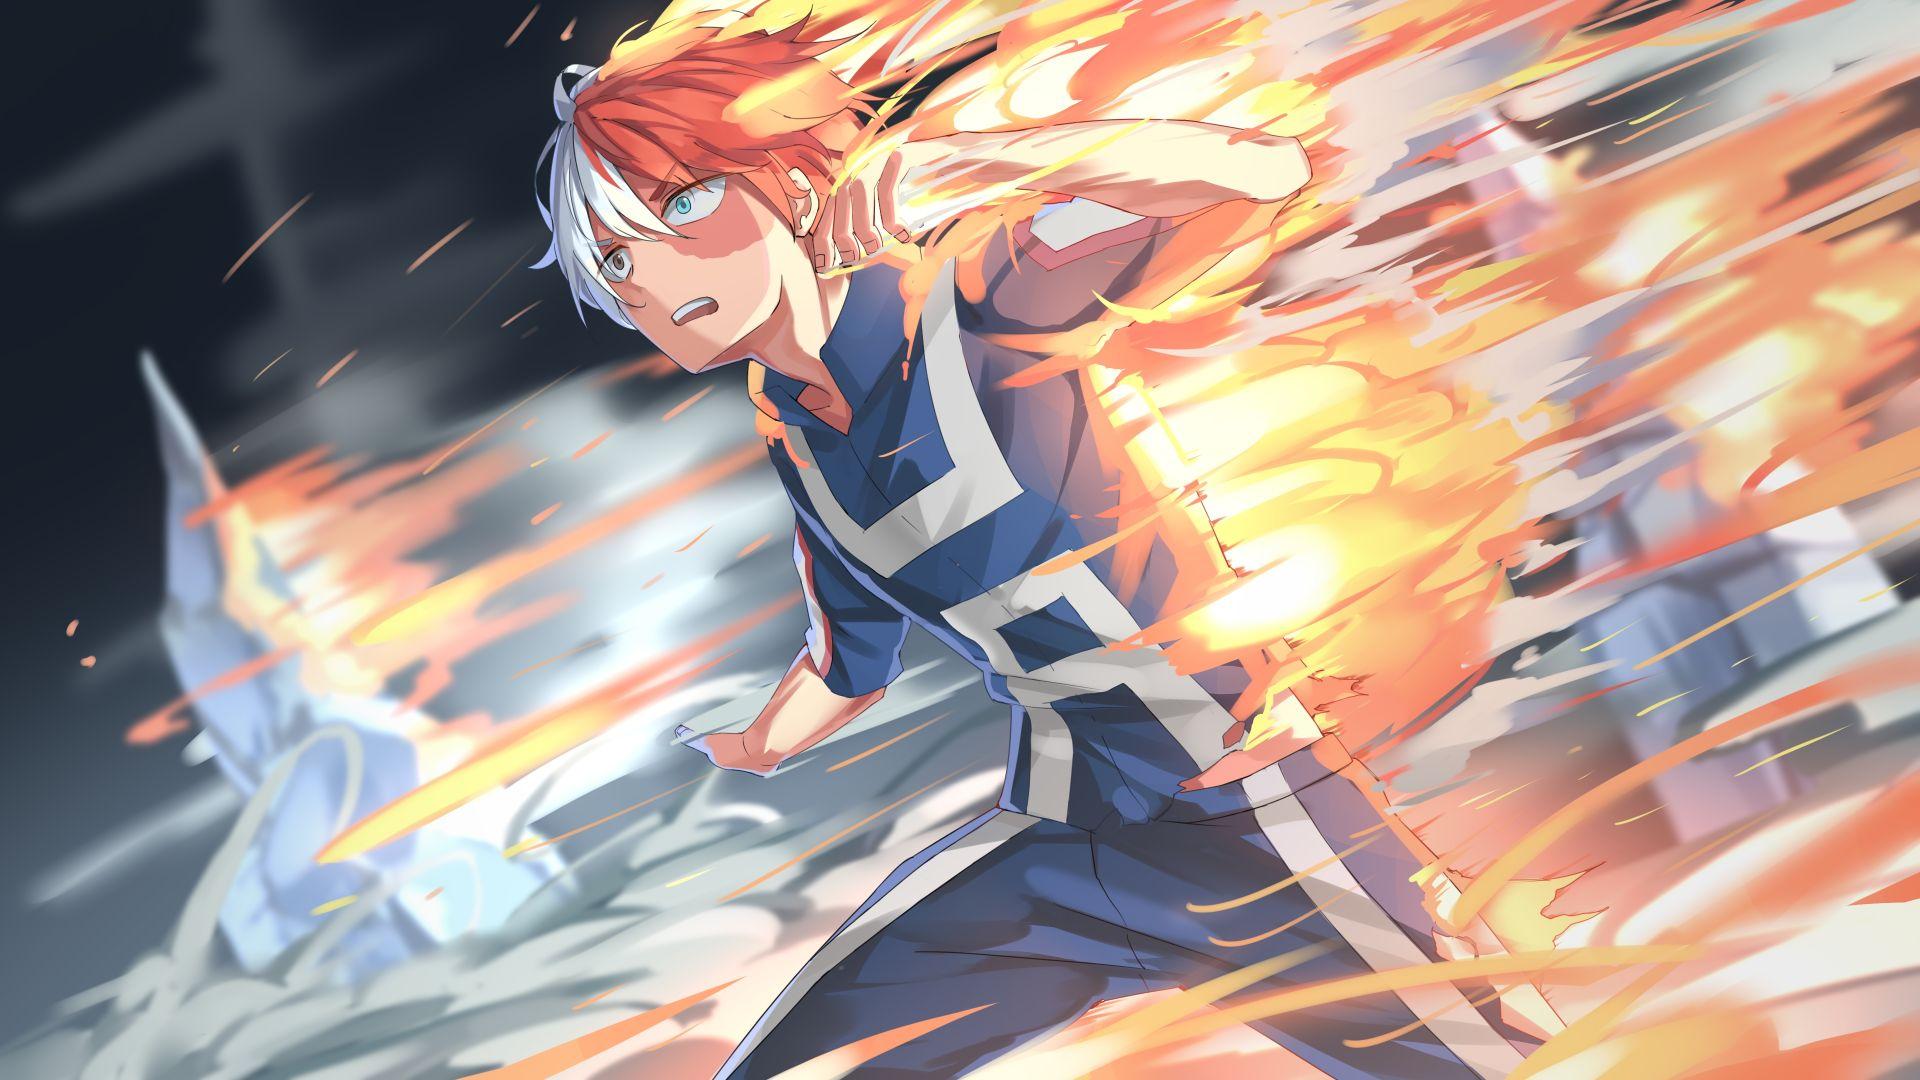 Wallpaper Shouto Todoroki, Boku no Hero Academia, anime boy, run, fire